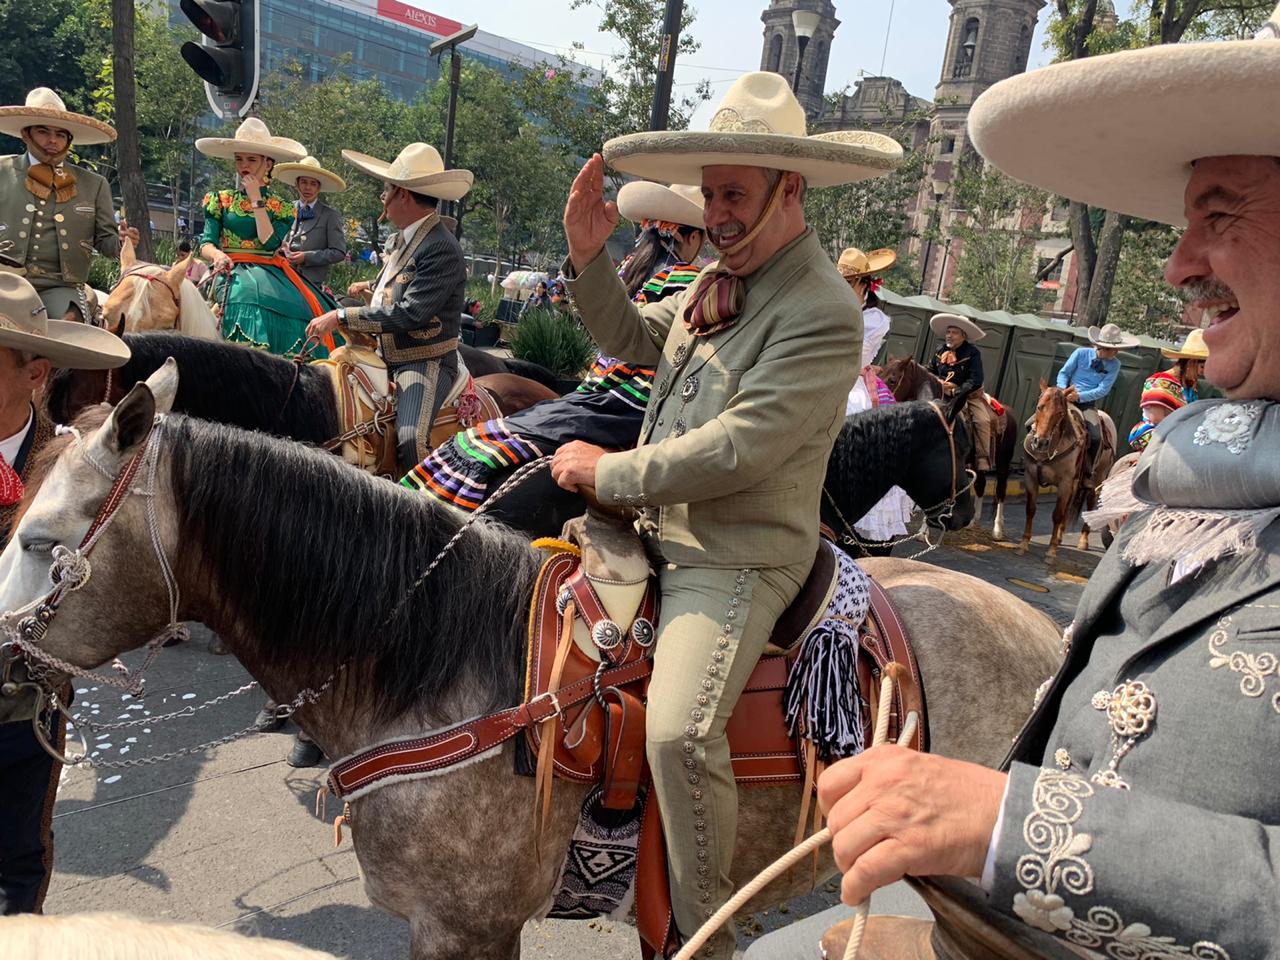 El presidente Leonardo Dávila Salinas encabezó el contingente de la Federación Mexicana de Charrería en el desfile conmemorativo al inicio de la Revolución Mexicana